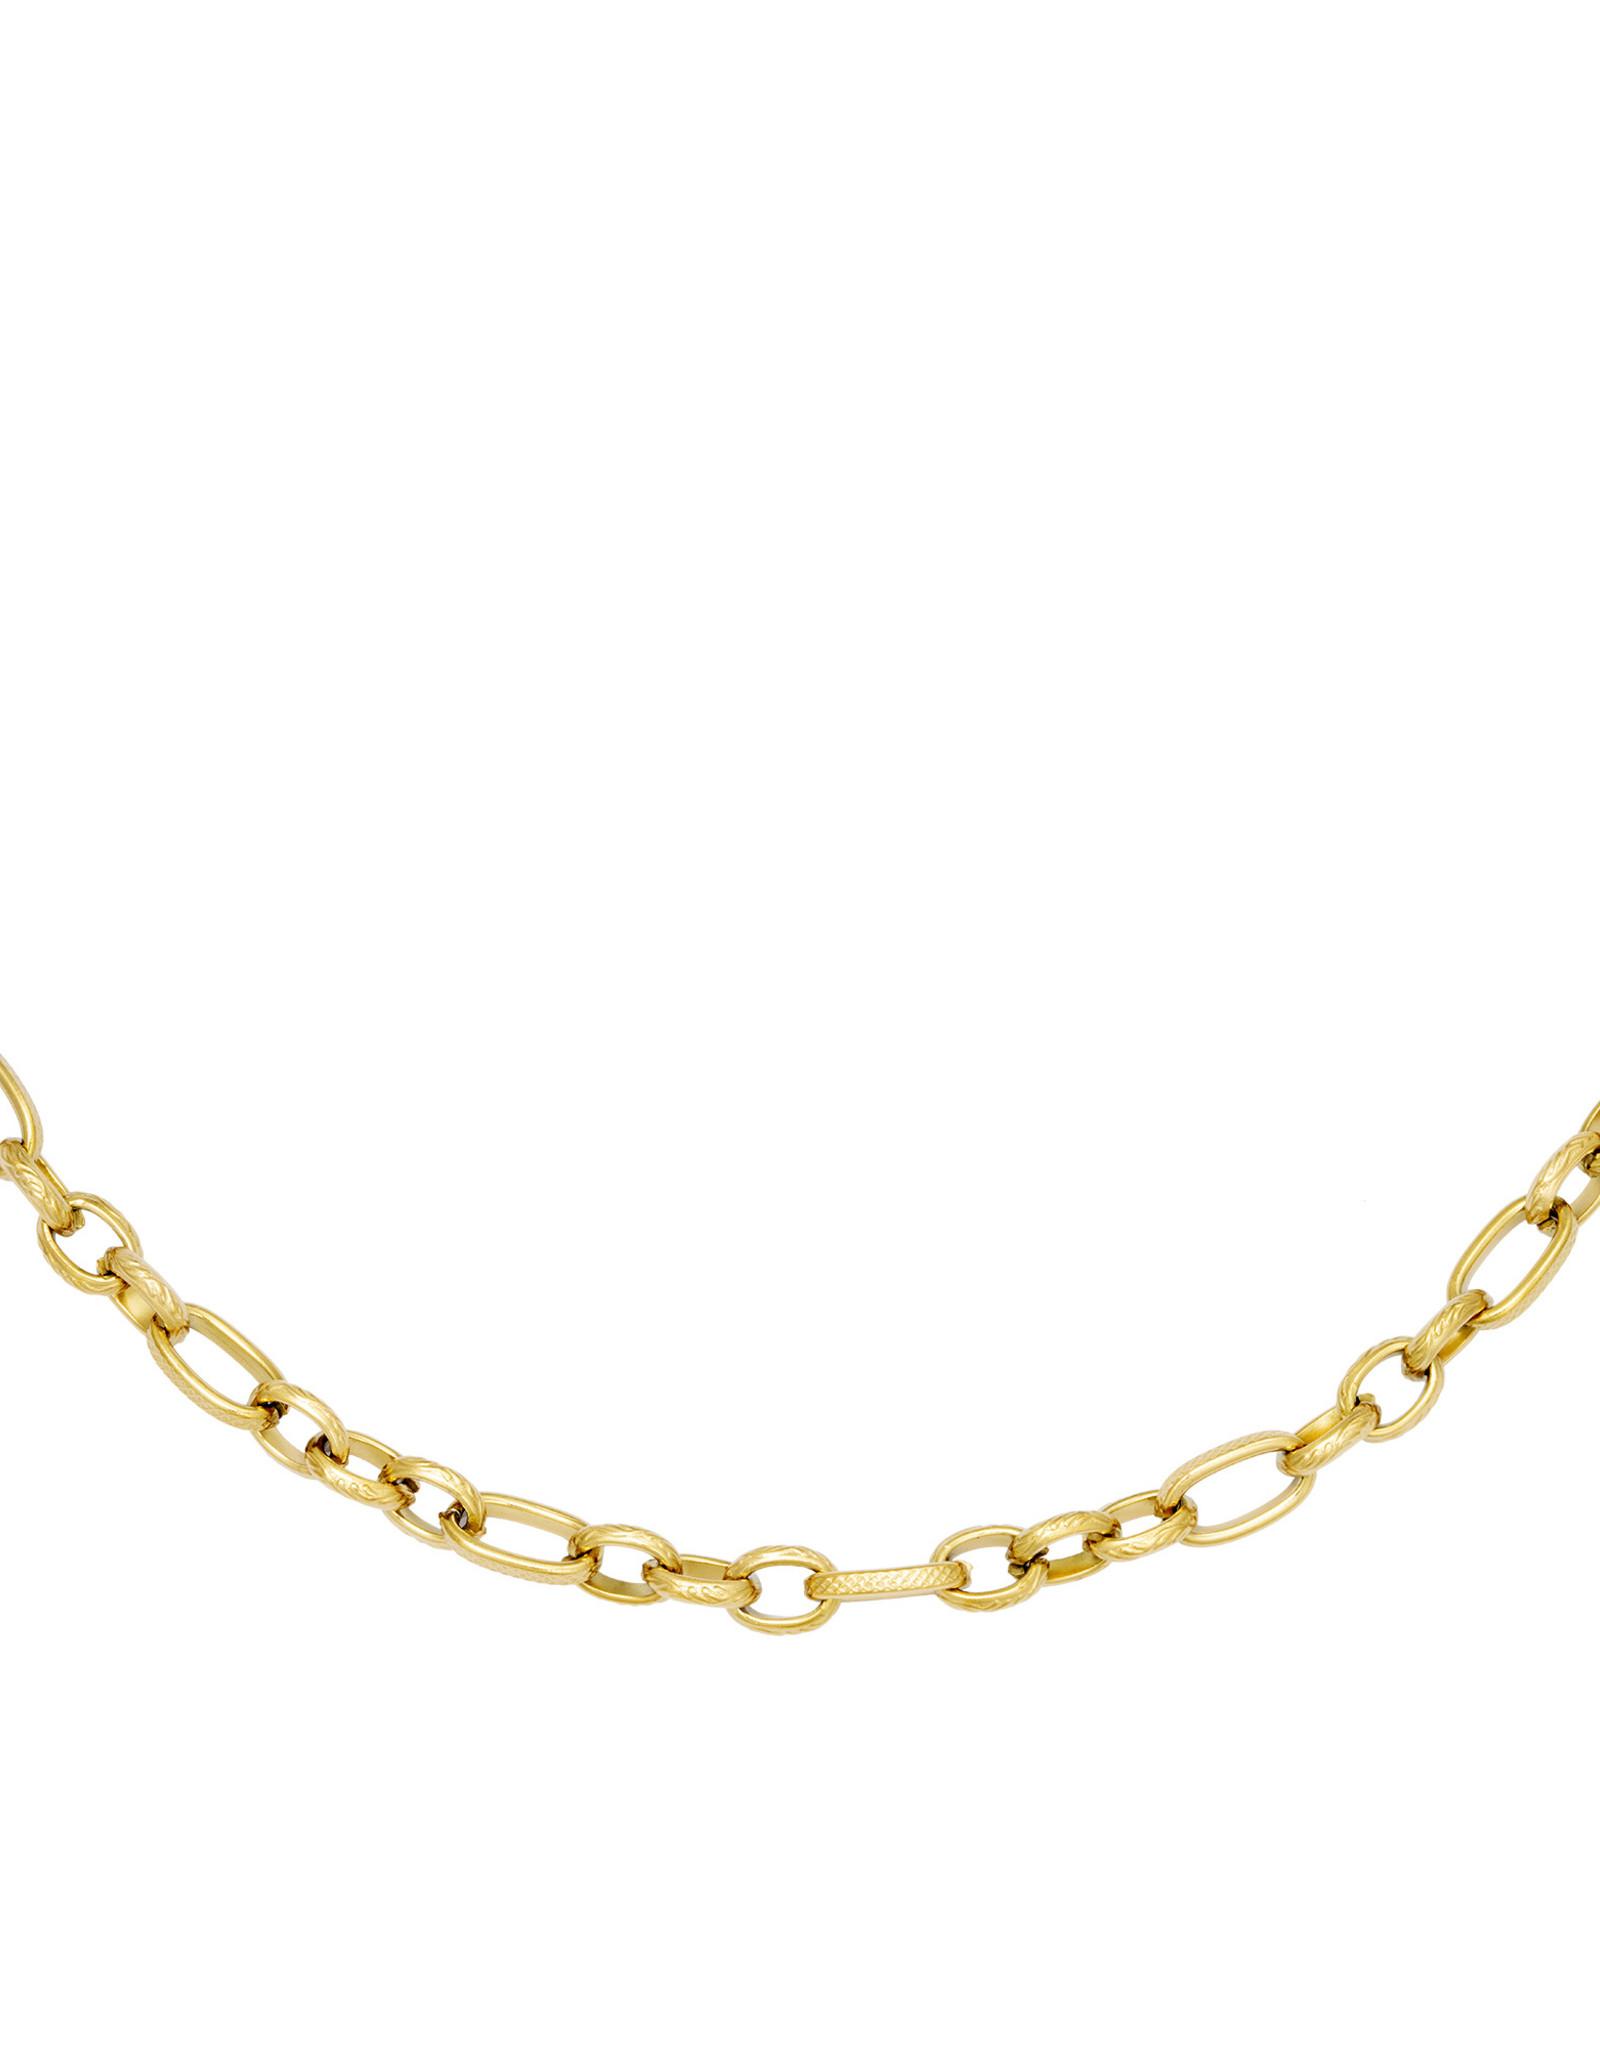 Necklace Interlink Gold